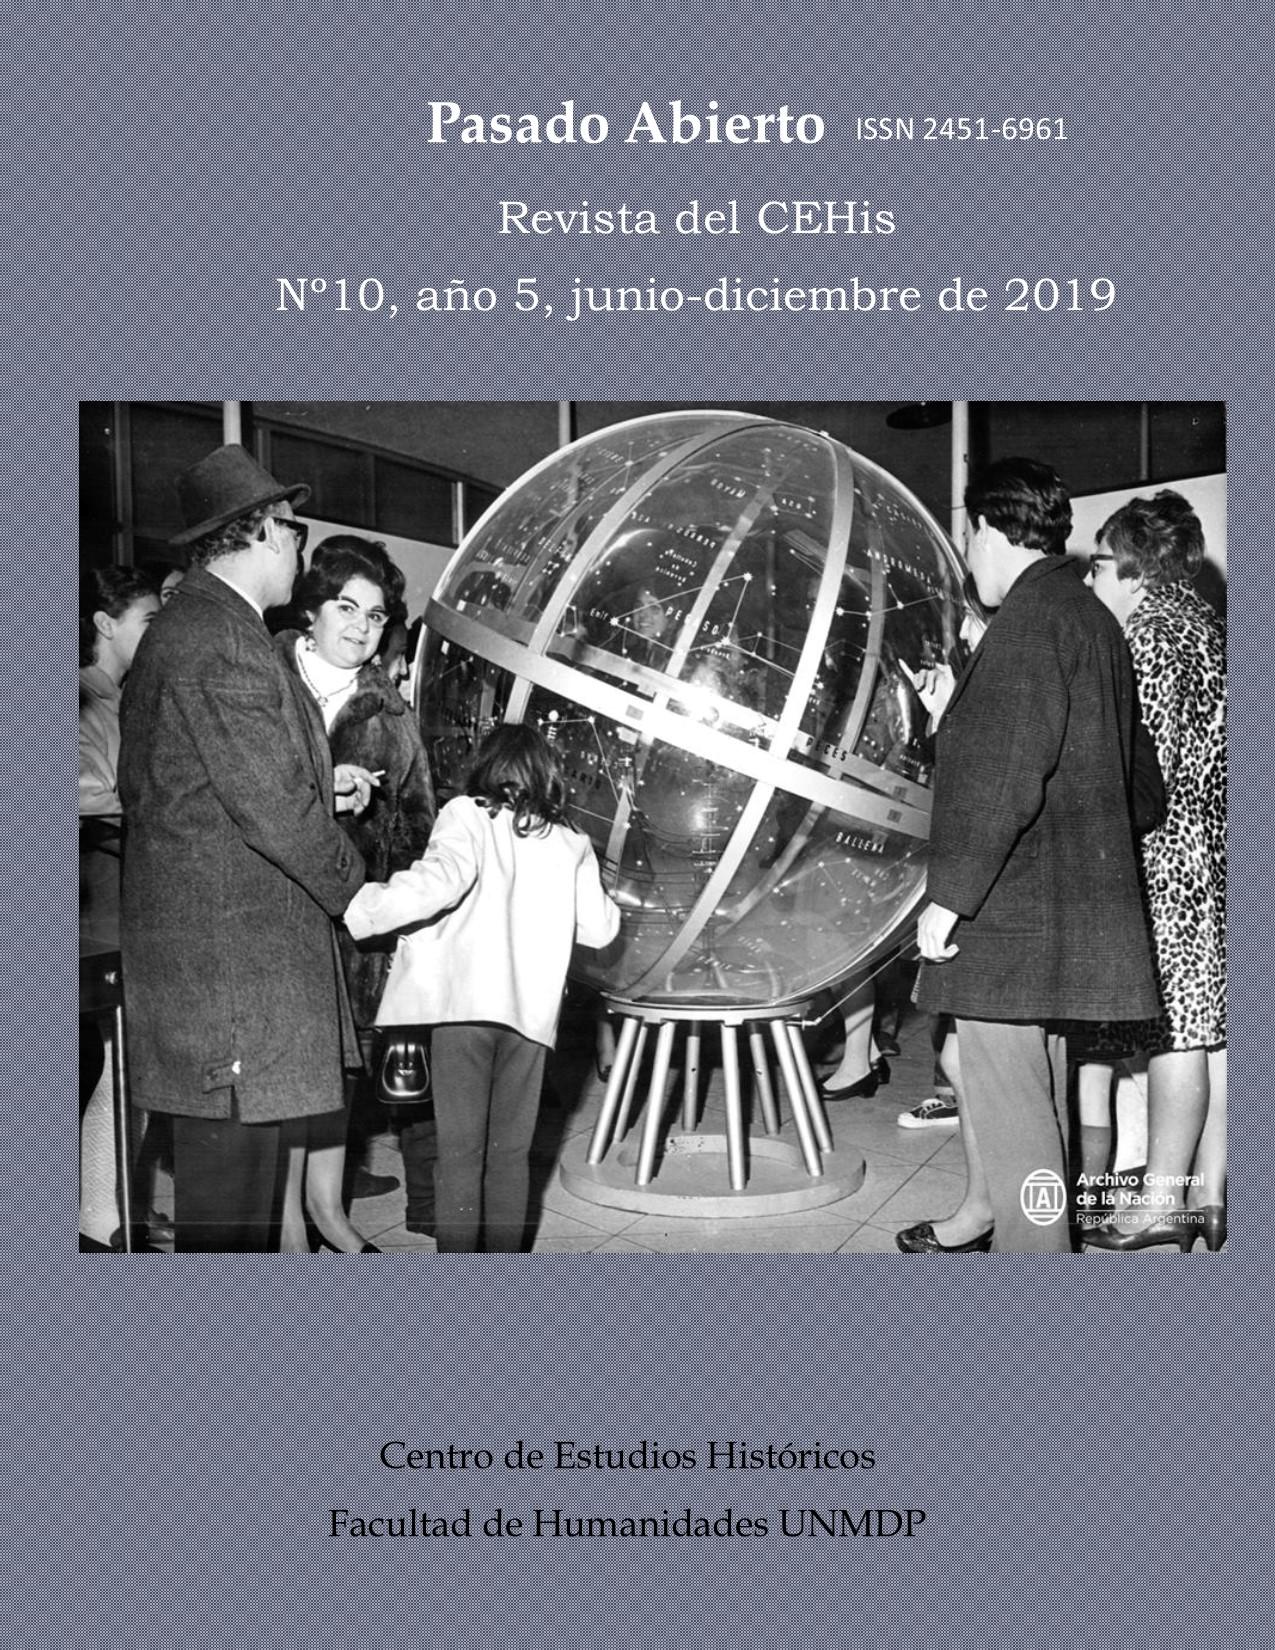 PASADO ABIERTO, año 5, Nº 10. Junio-diciembre de 2019